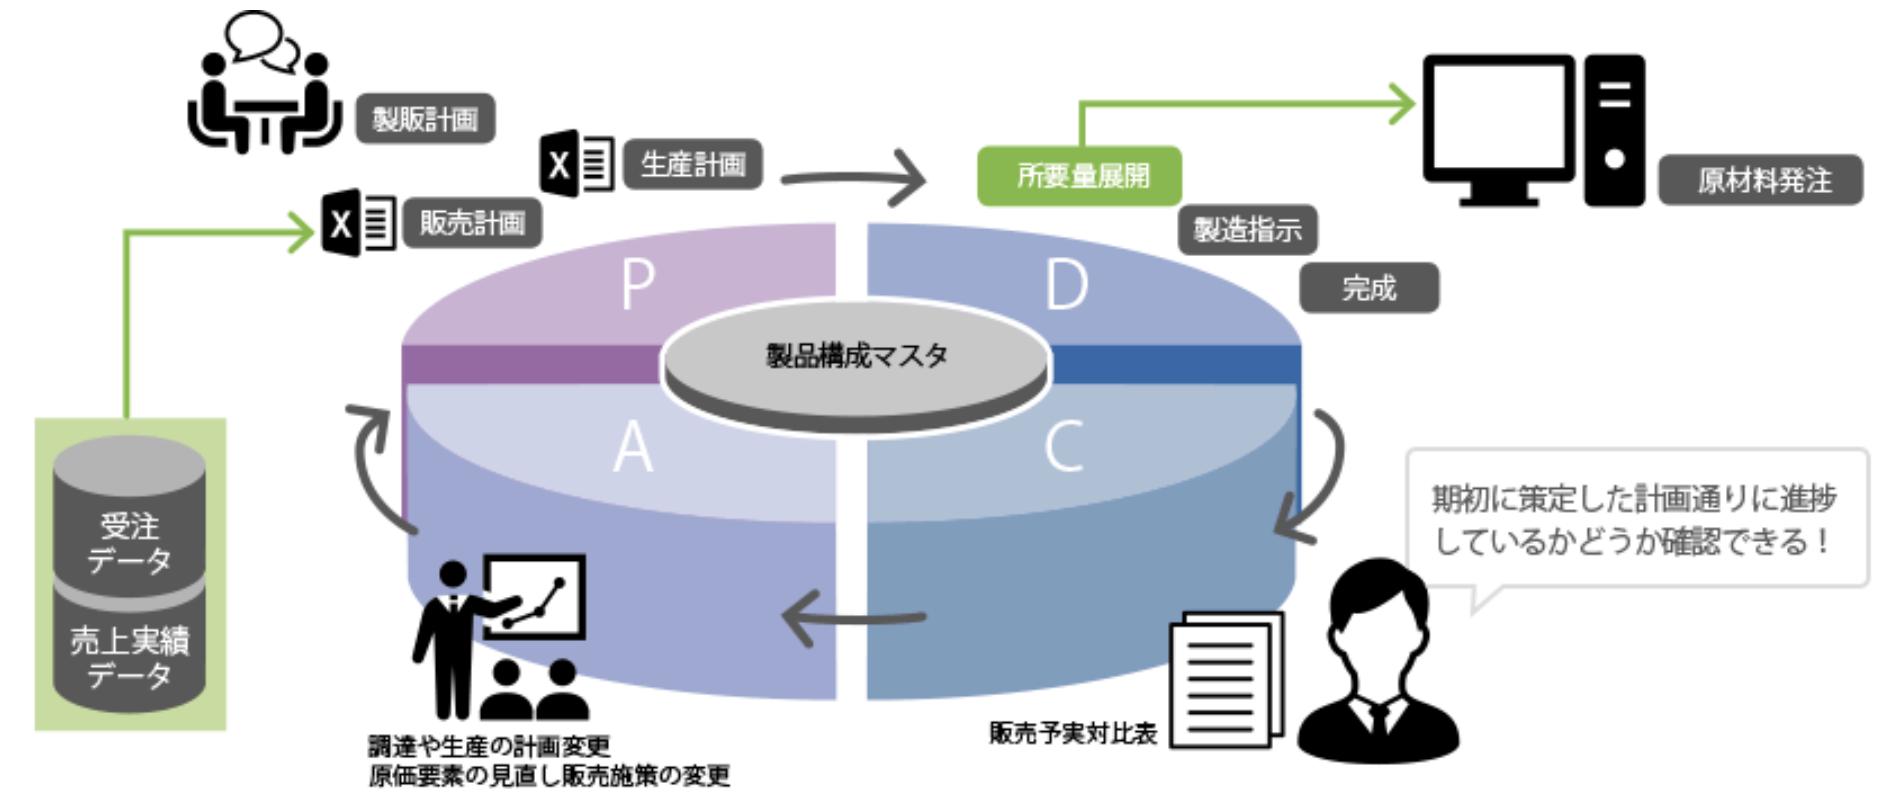 食品の生産管理におけるPDCAサイクルを確立